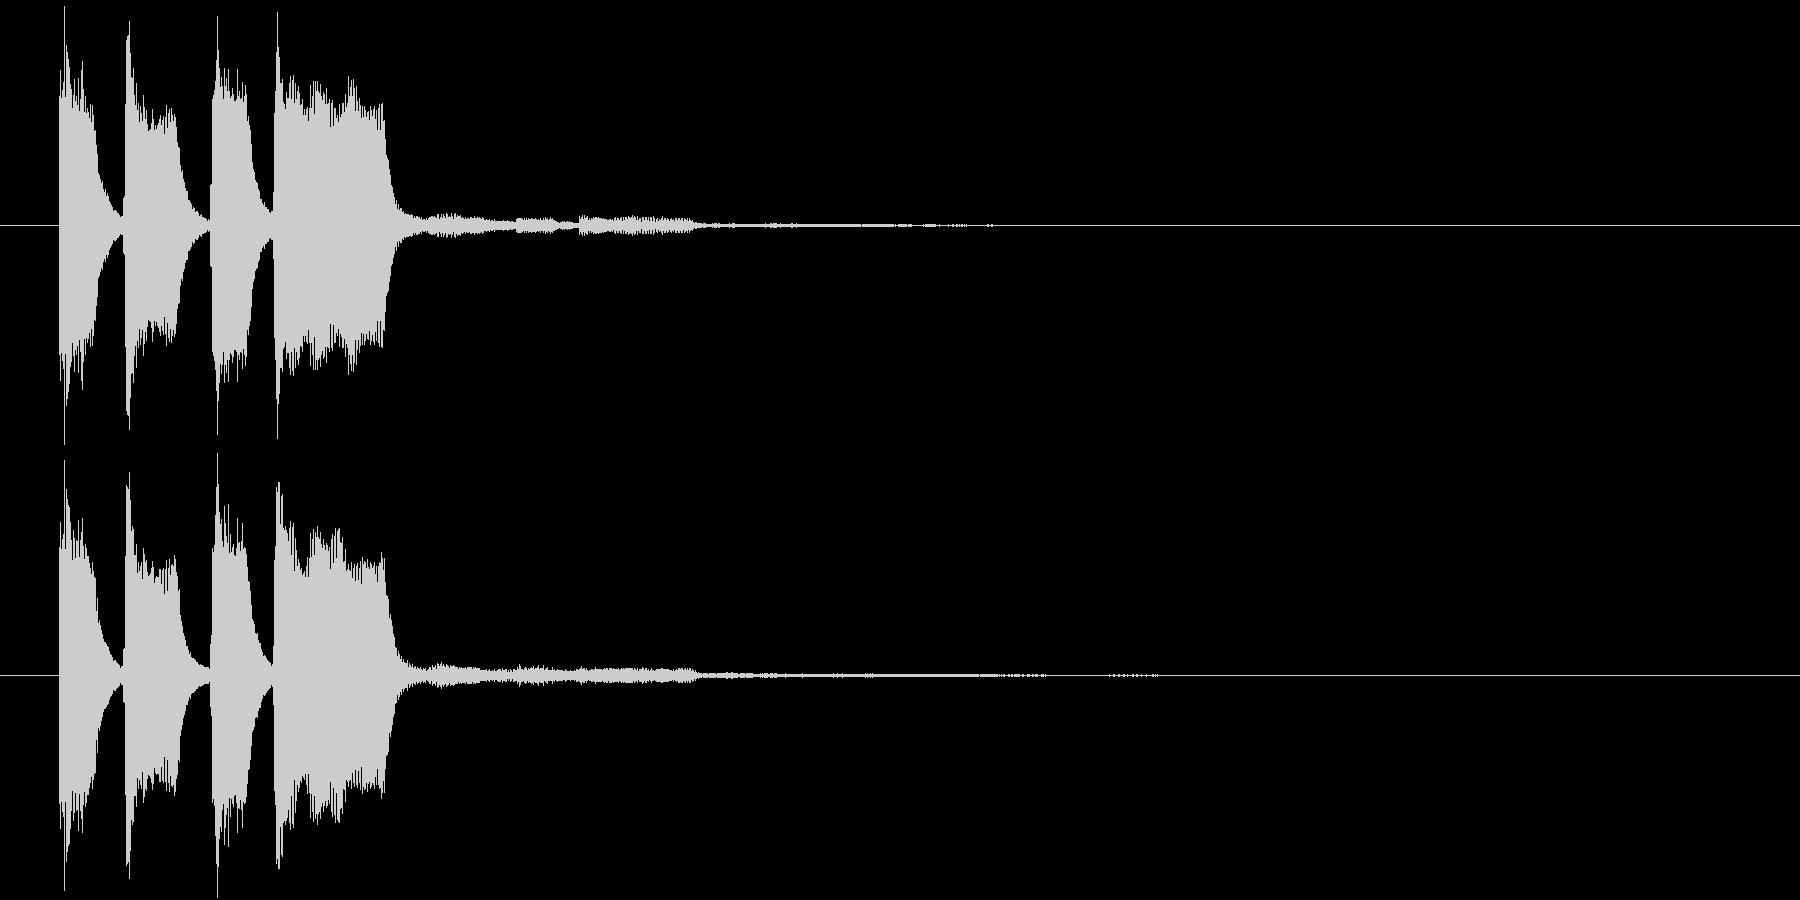 ピコピコン(正解・獲得)の未再生の波形